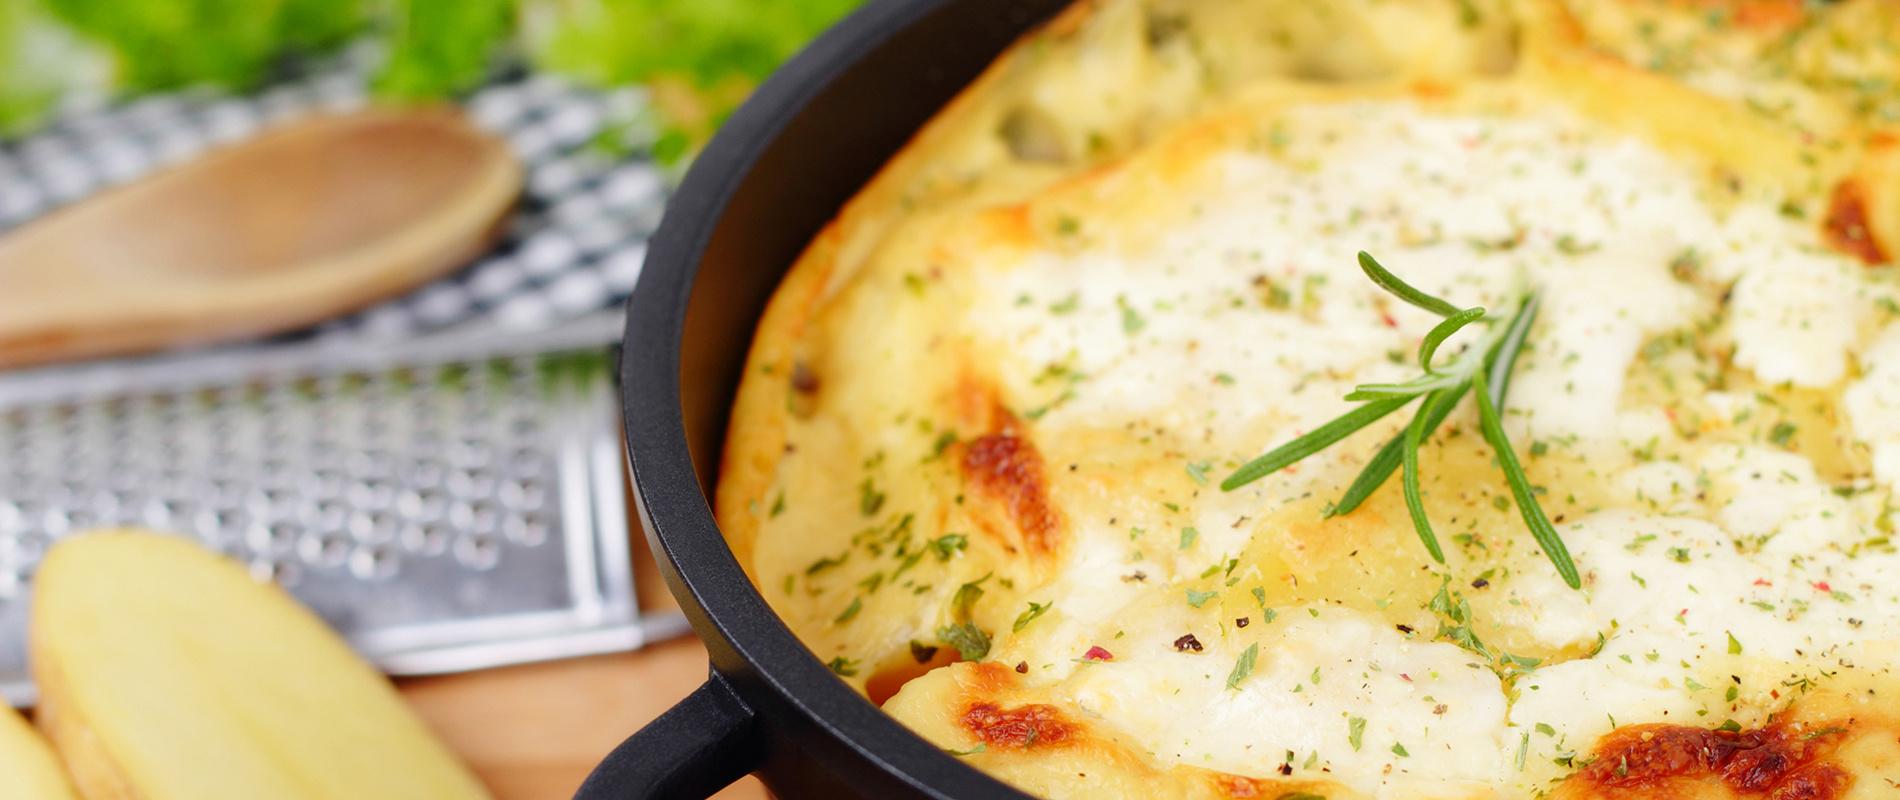 krumplitortacover